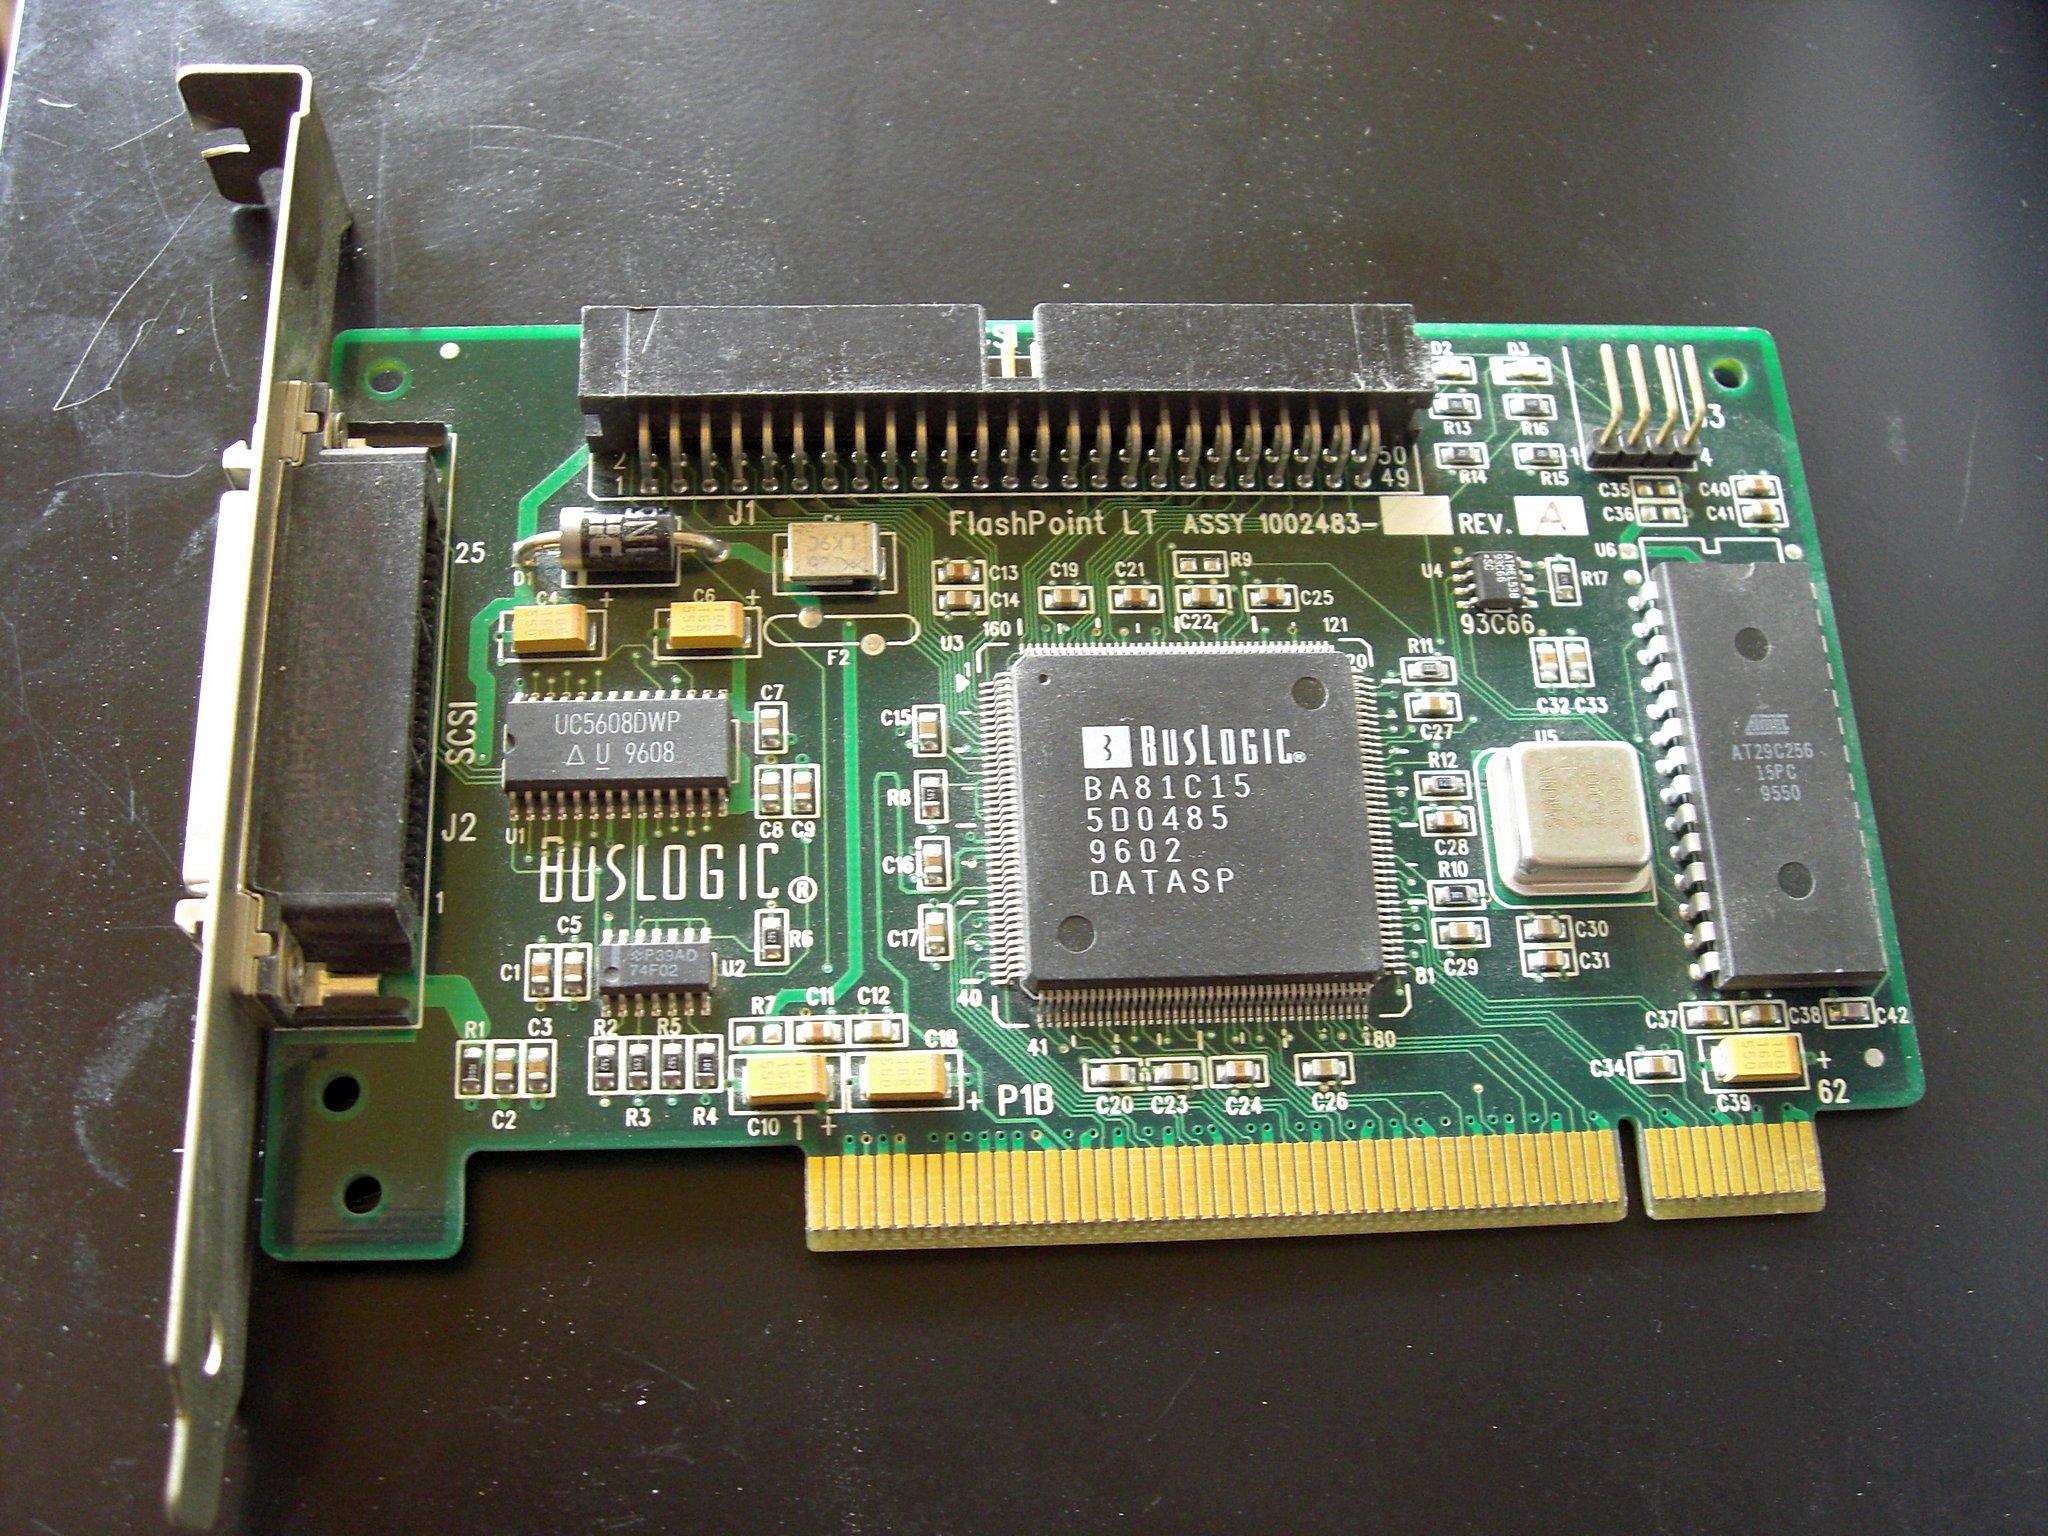 BUSLOGIC SCSI CONTROLLER DRIVER UPDATE